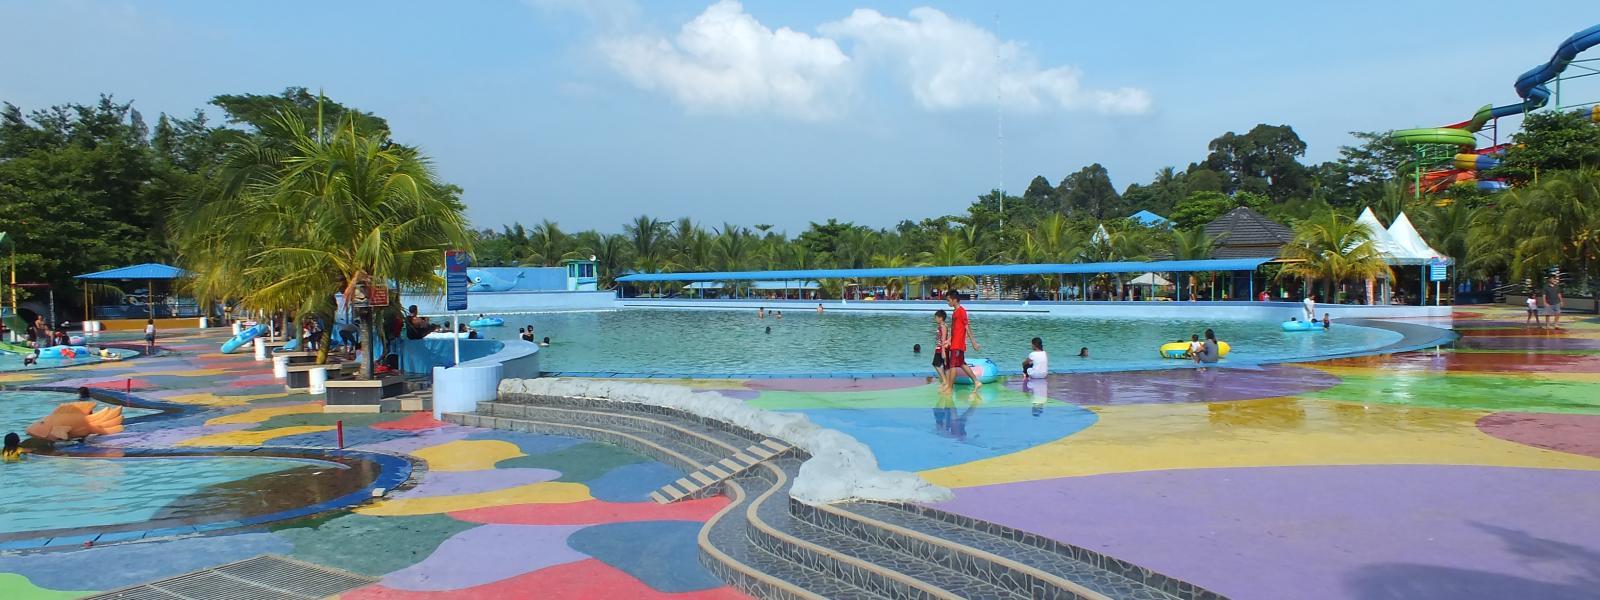 Hairos Water Park 1 Terlengkap Terbesar Sumatera Utara Taman Air